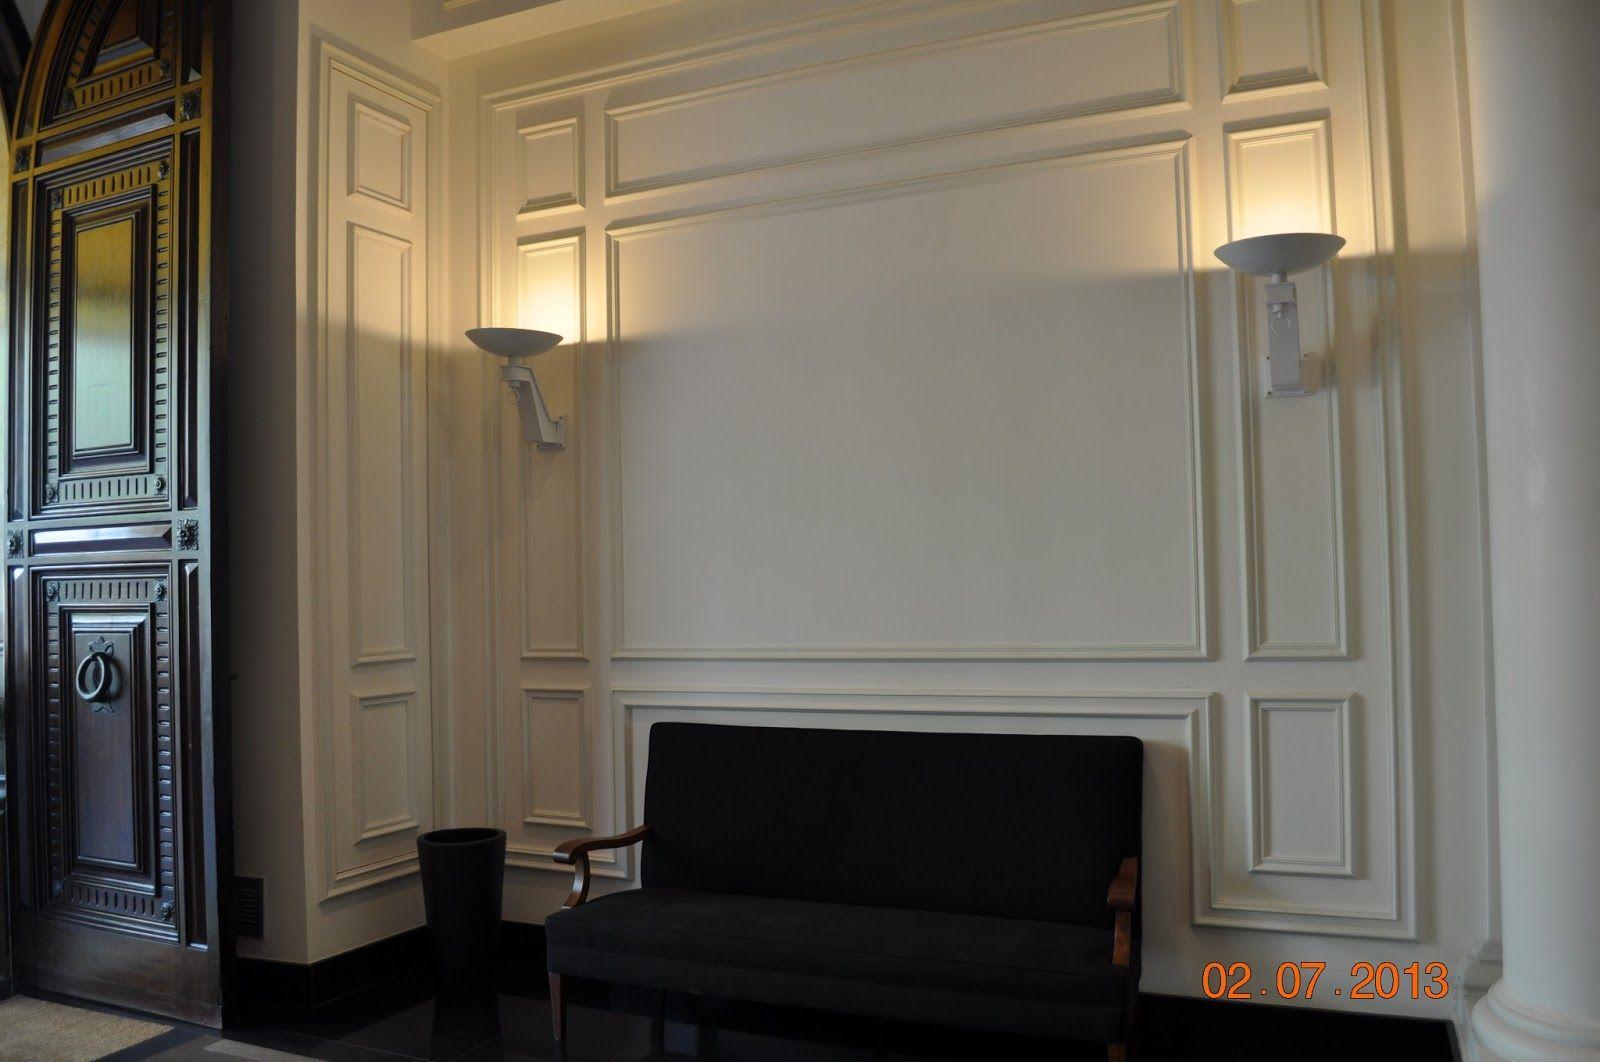 Las combinaci n de molduras de orac decor en paredes y techos han conseguido mantener el estilo - Molduras para paredes ...